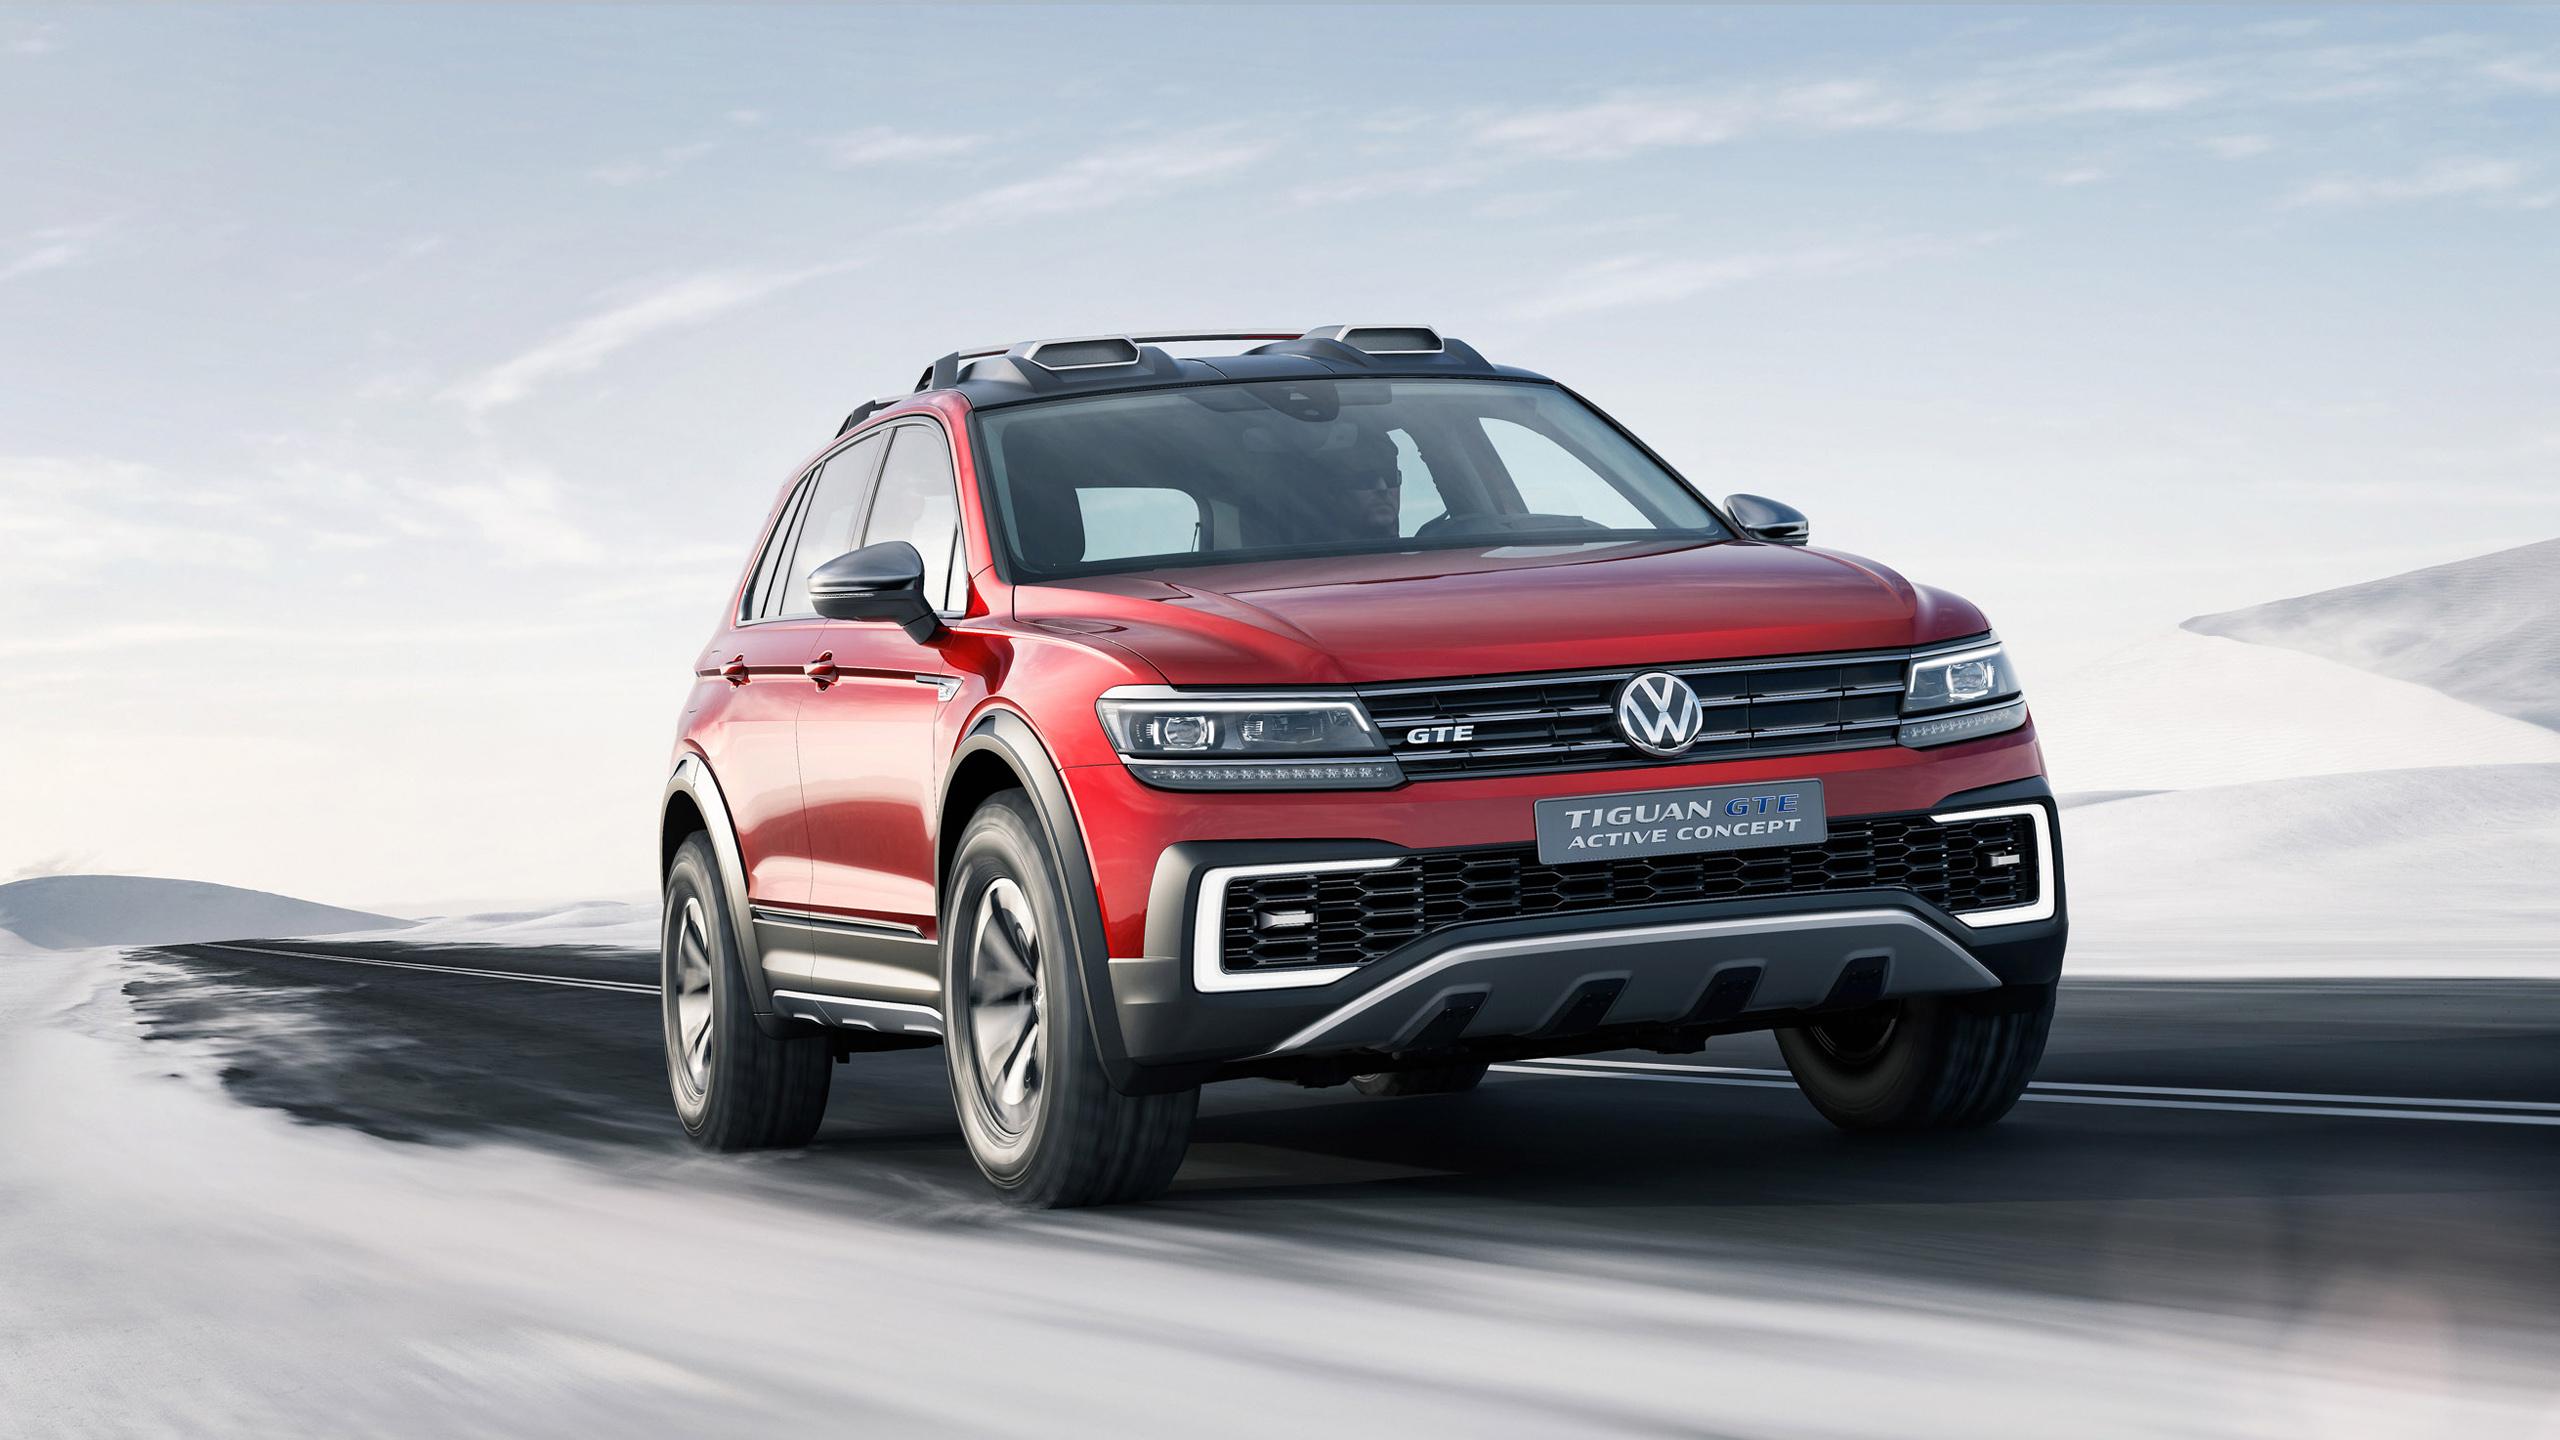 2017 Volkswagen Tiguan GTE Active Concept 3 Wallpaper | HD ...